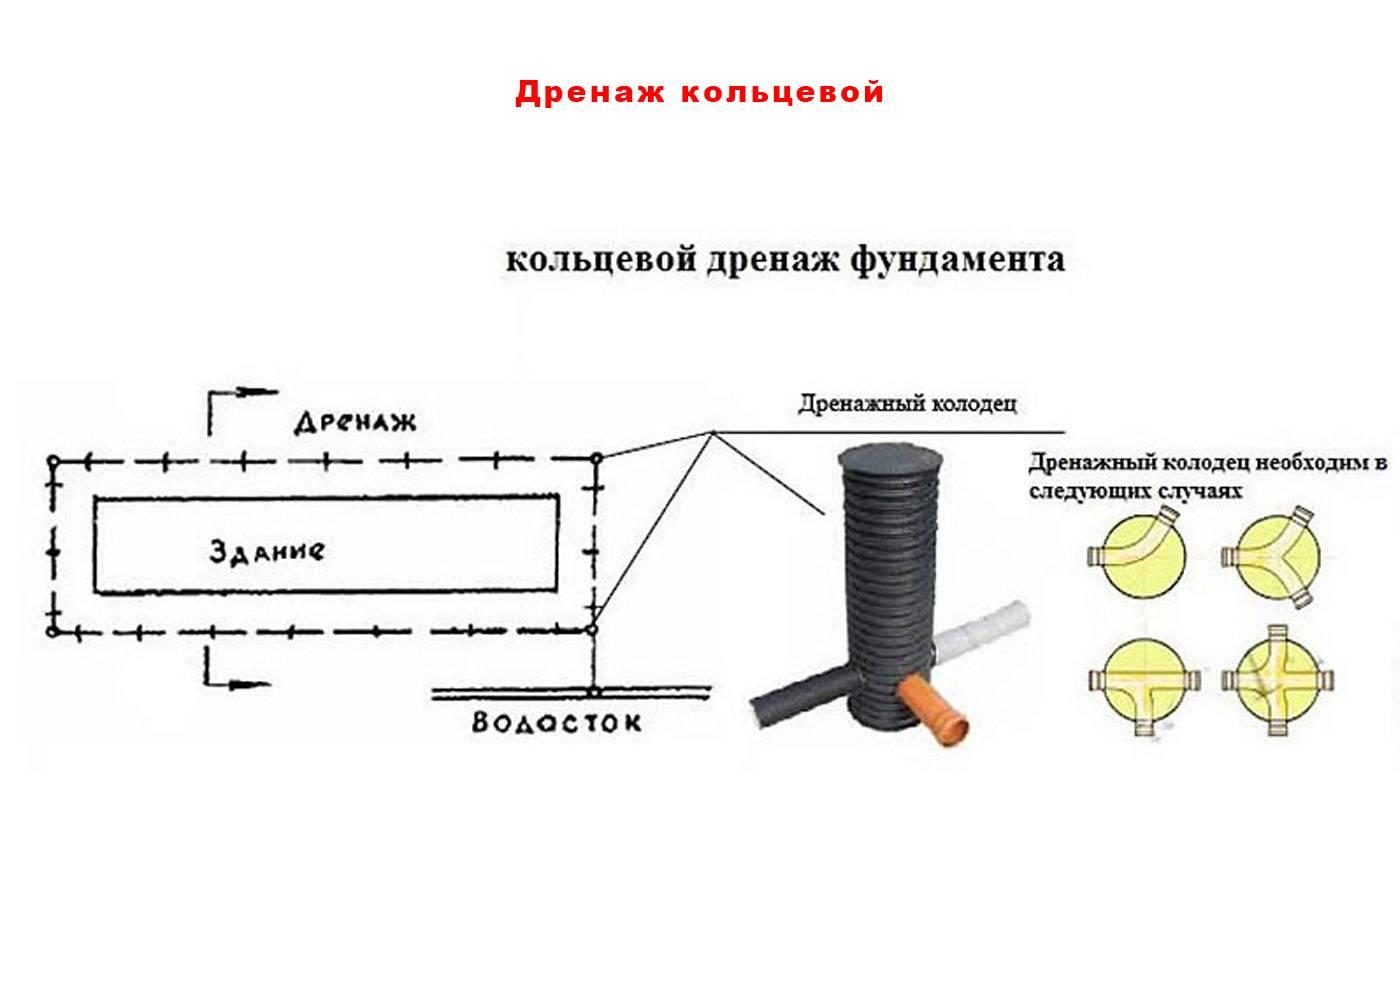 Дренажные трубы: технические характеристики и особенности эксплуатации